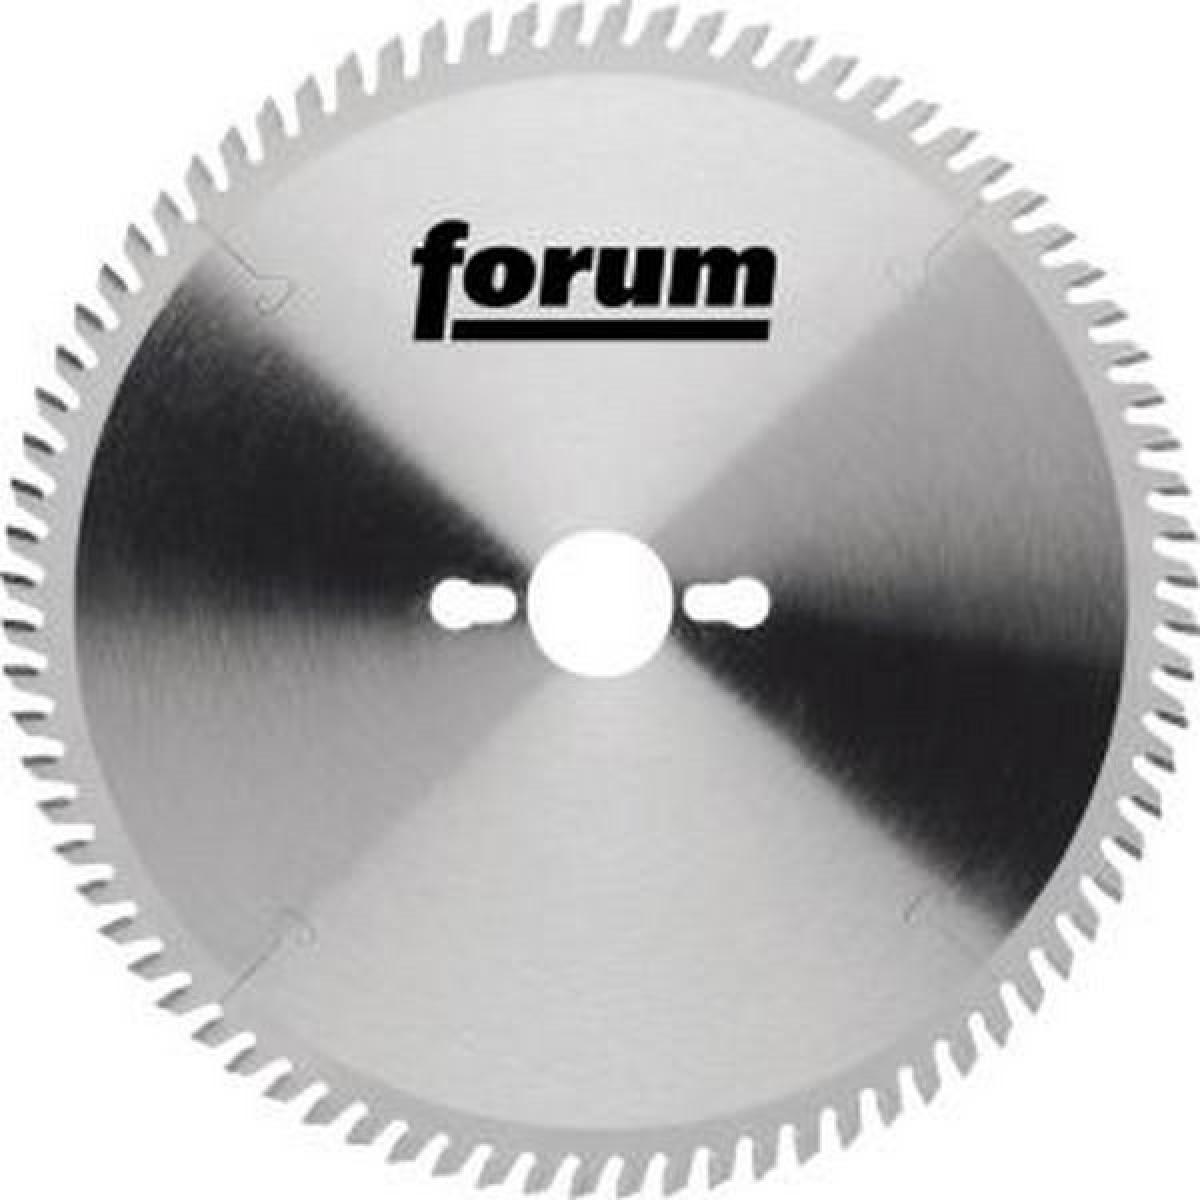 Forum Lame de scie circulaire, Ø : 450 mm, Larg. : 3,8 mm, Alésage 30 mm, Perçages secondaires : 2KNL*, Dents : 40